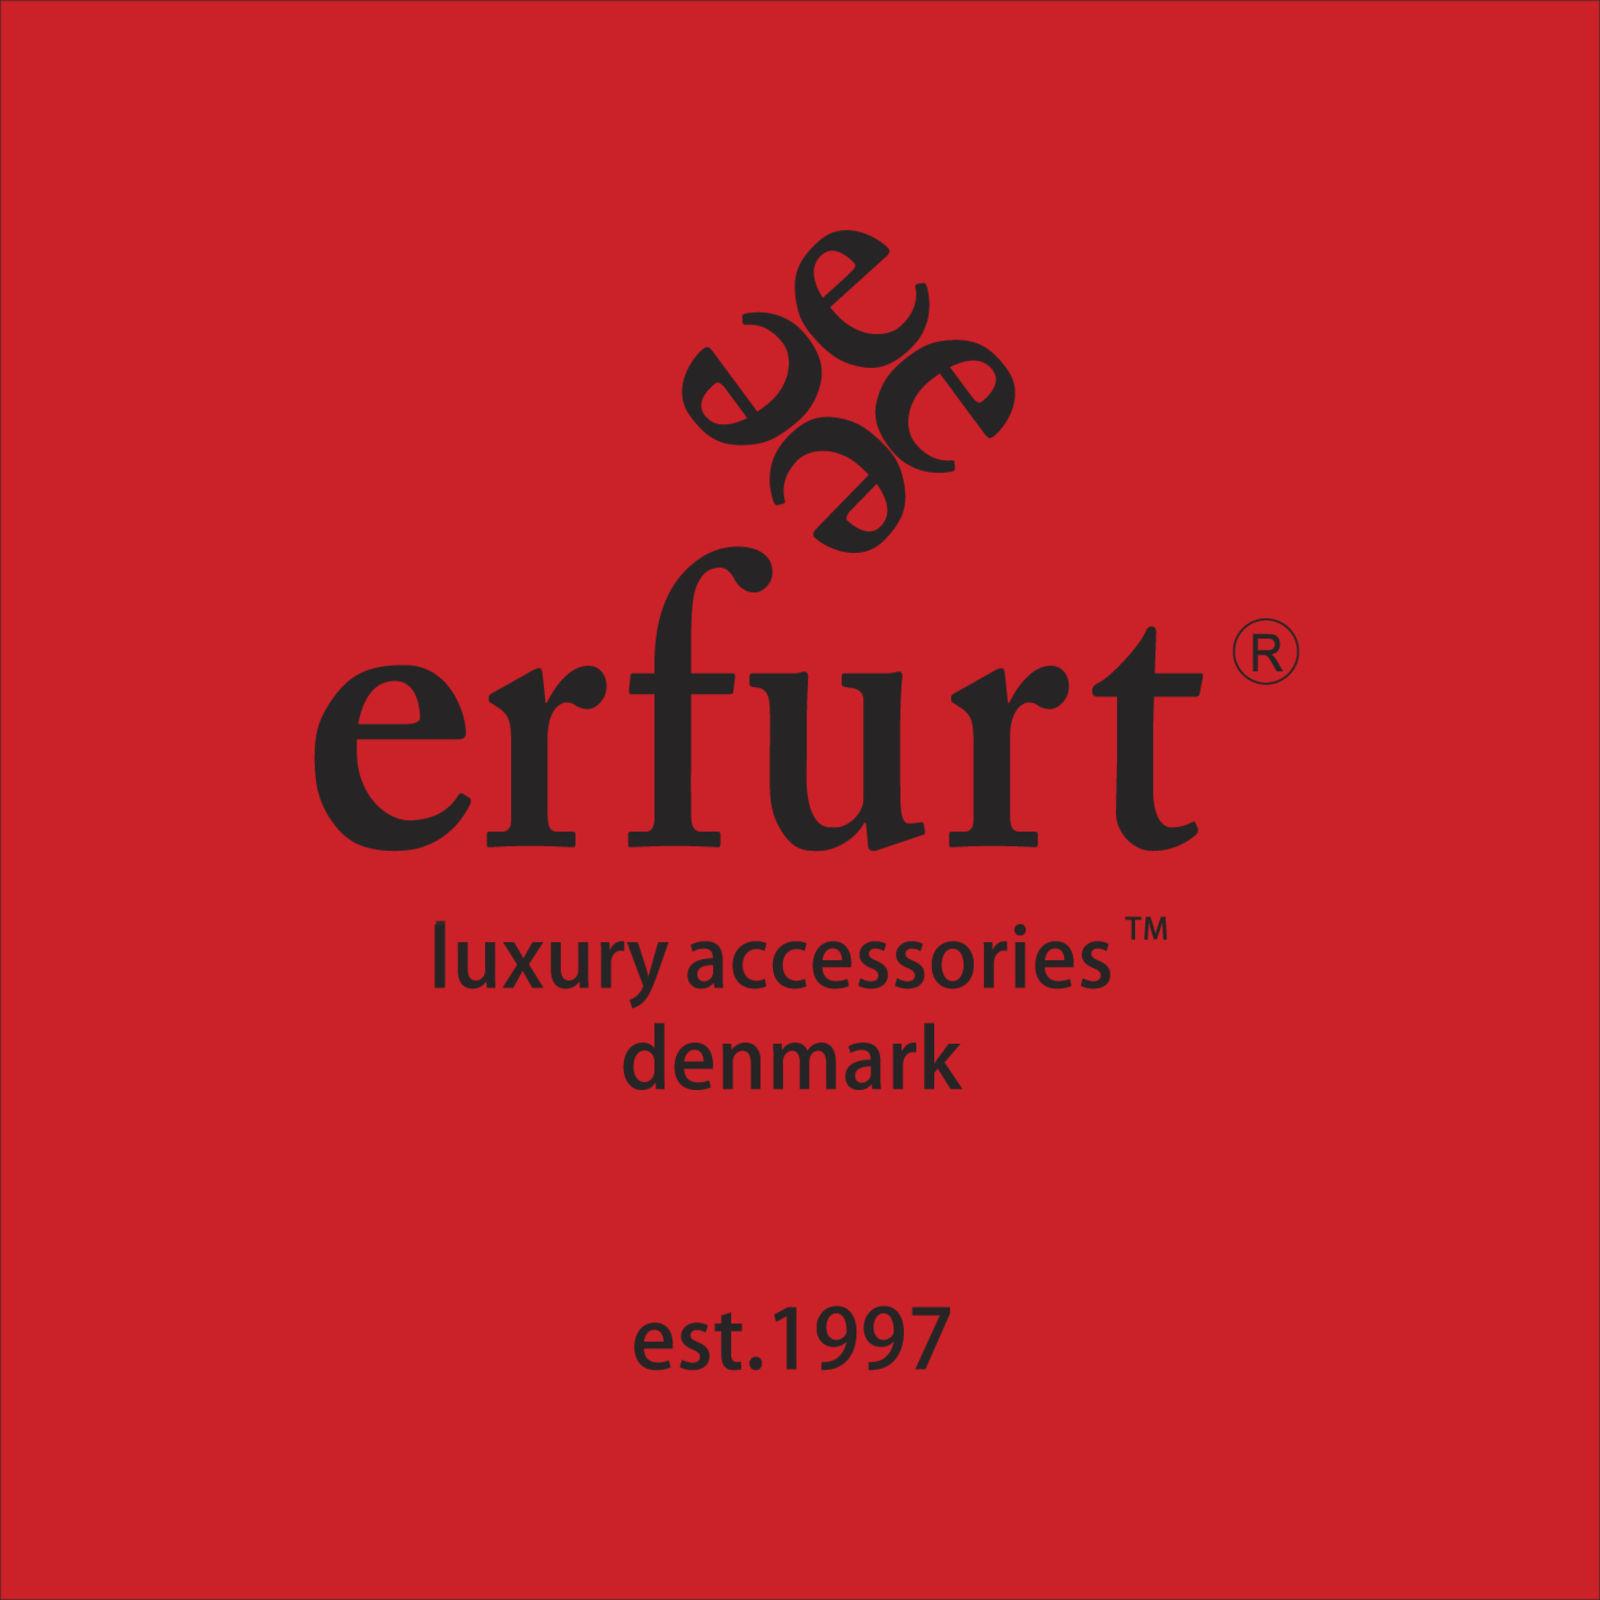 erfurt (Bild 1)